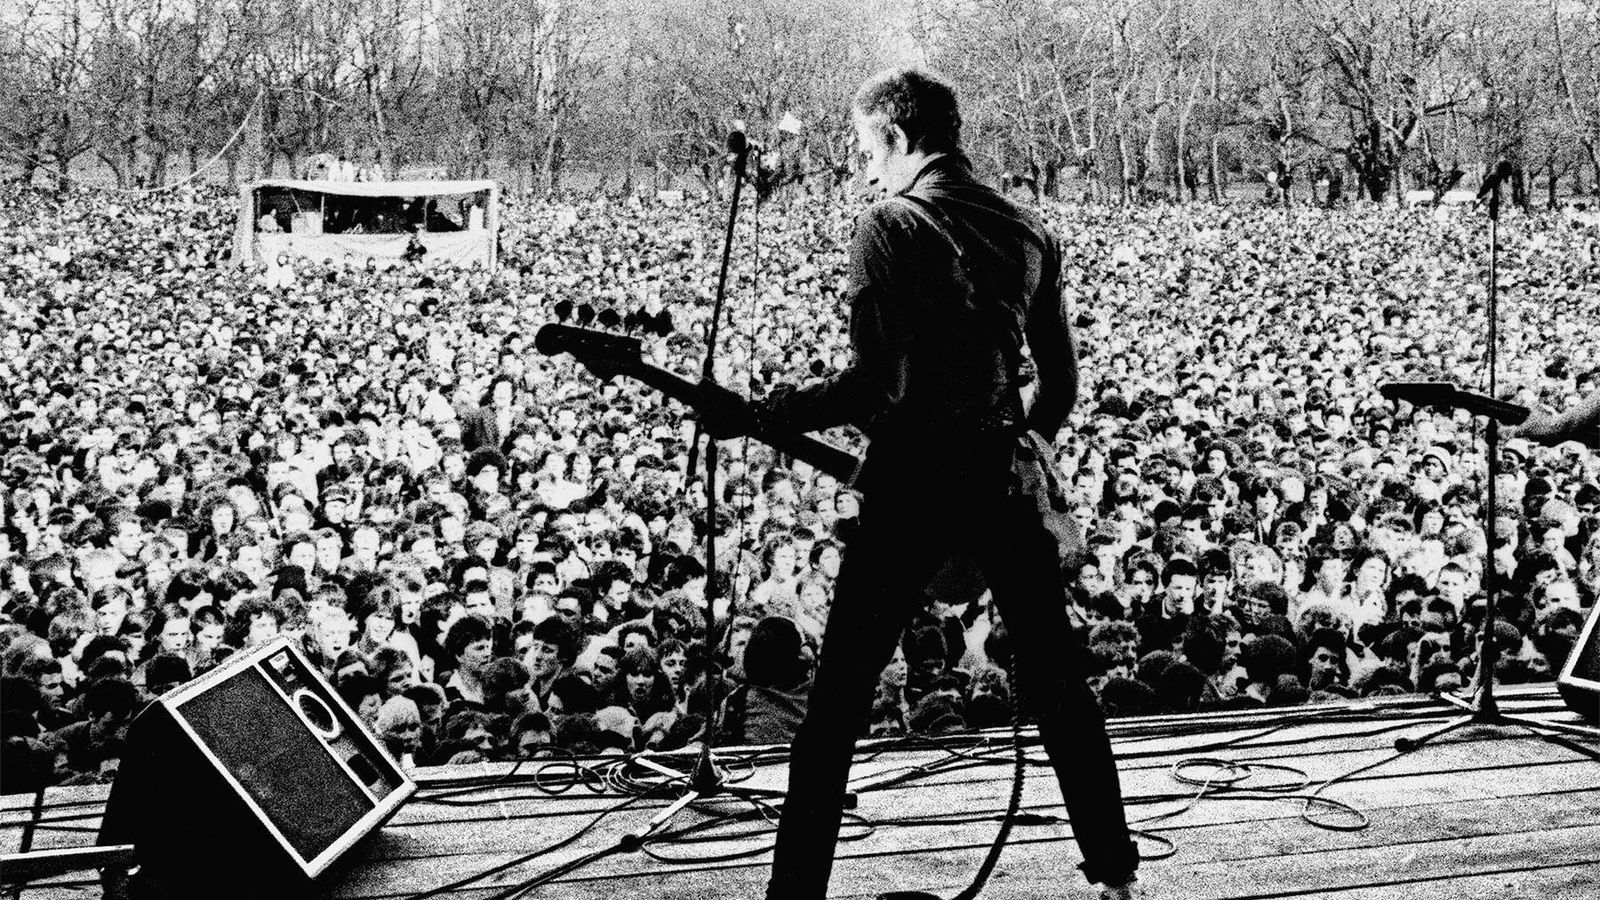 Una imatge de Paul Simonon, de The Clash, al documental 'White riot' que inaugurarà l'edició 2020 del Festival In-Edit.